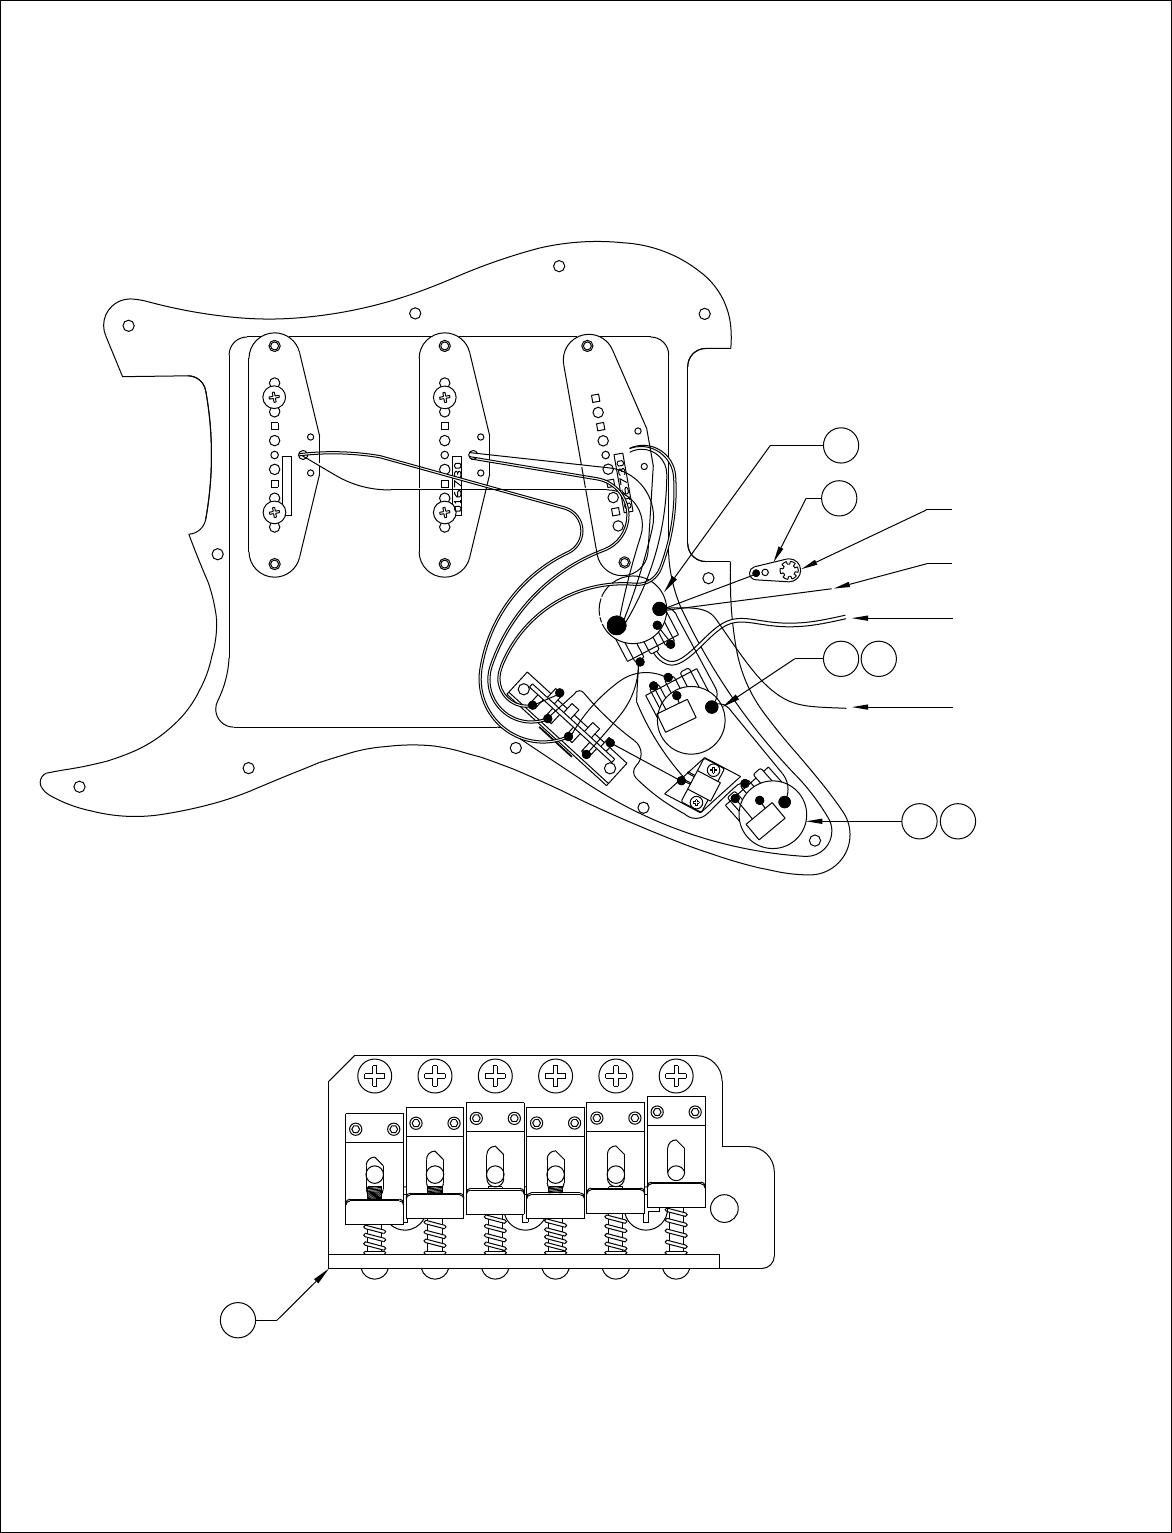 fender wiring schematic 2 pickup 1 volume 2 tone 5 way switch